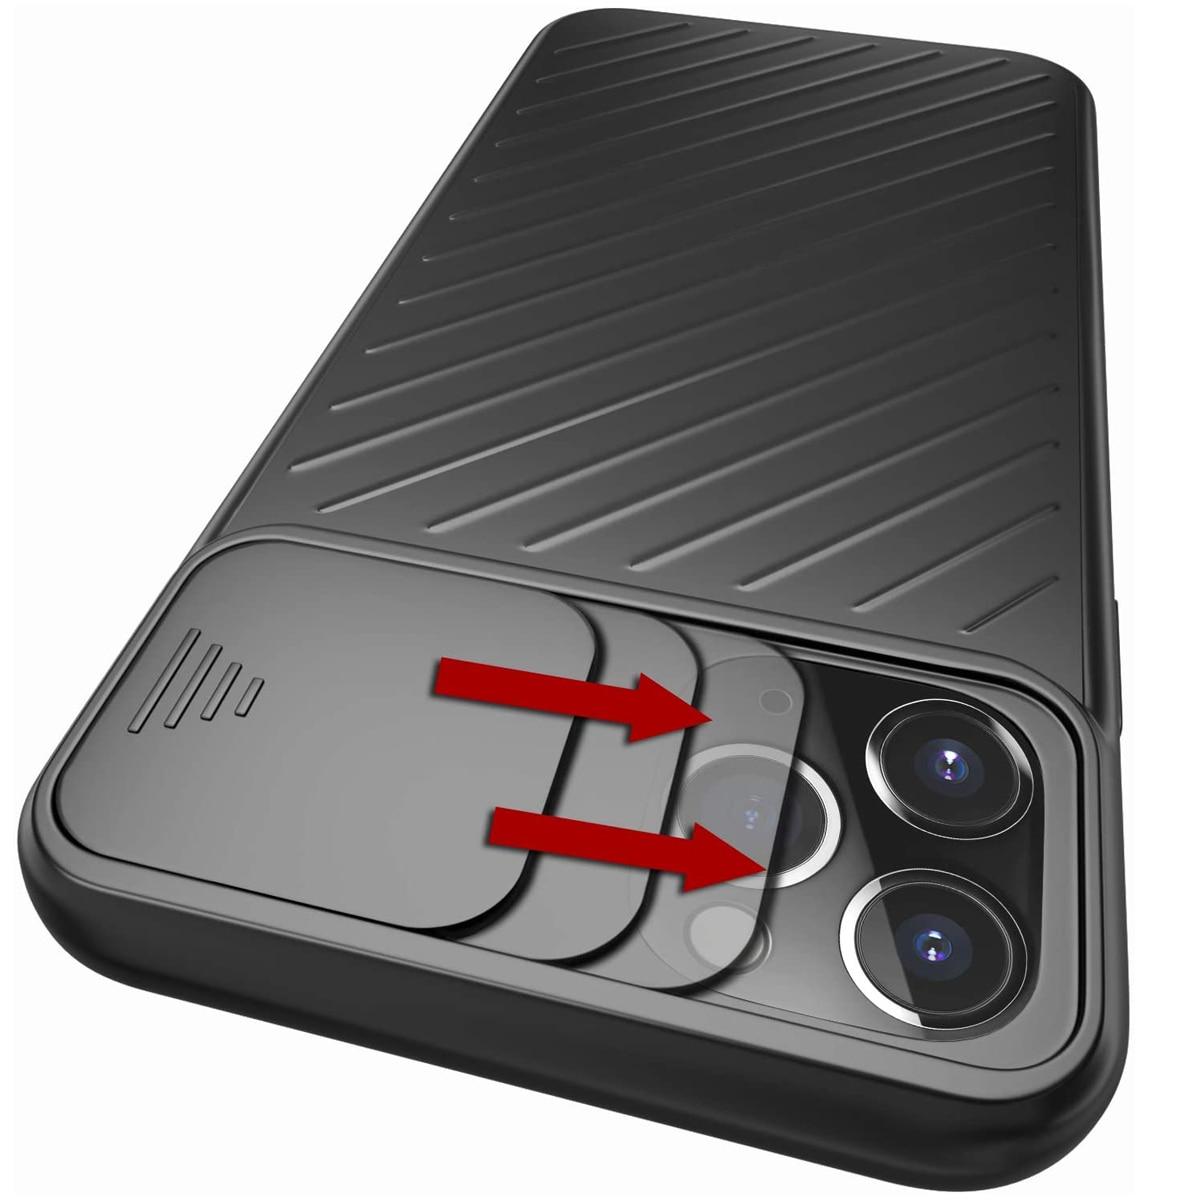 Funda protectora de cámara para iPhone 11 Pro Max XR XS MAX 6 6S 7 8 Plus X, funda deslizante de TPU suave, funda protectora para teléfono 11